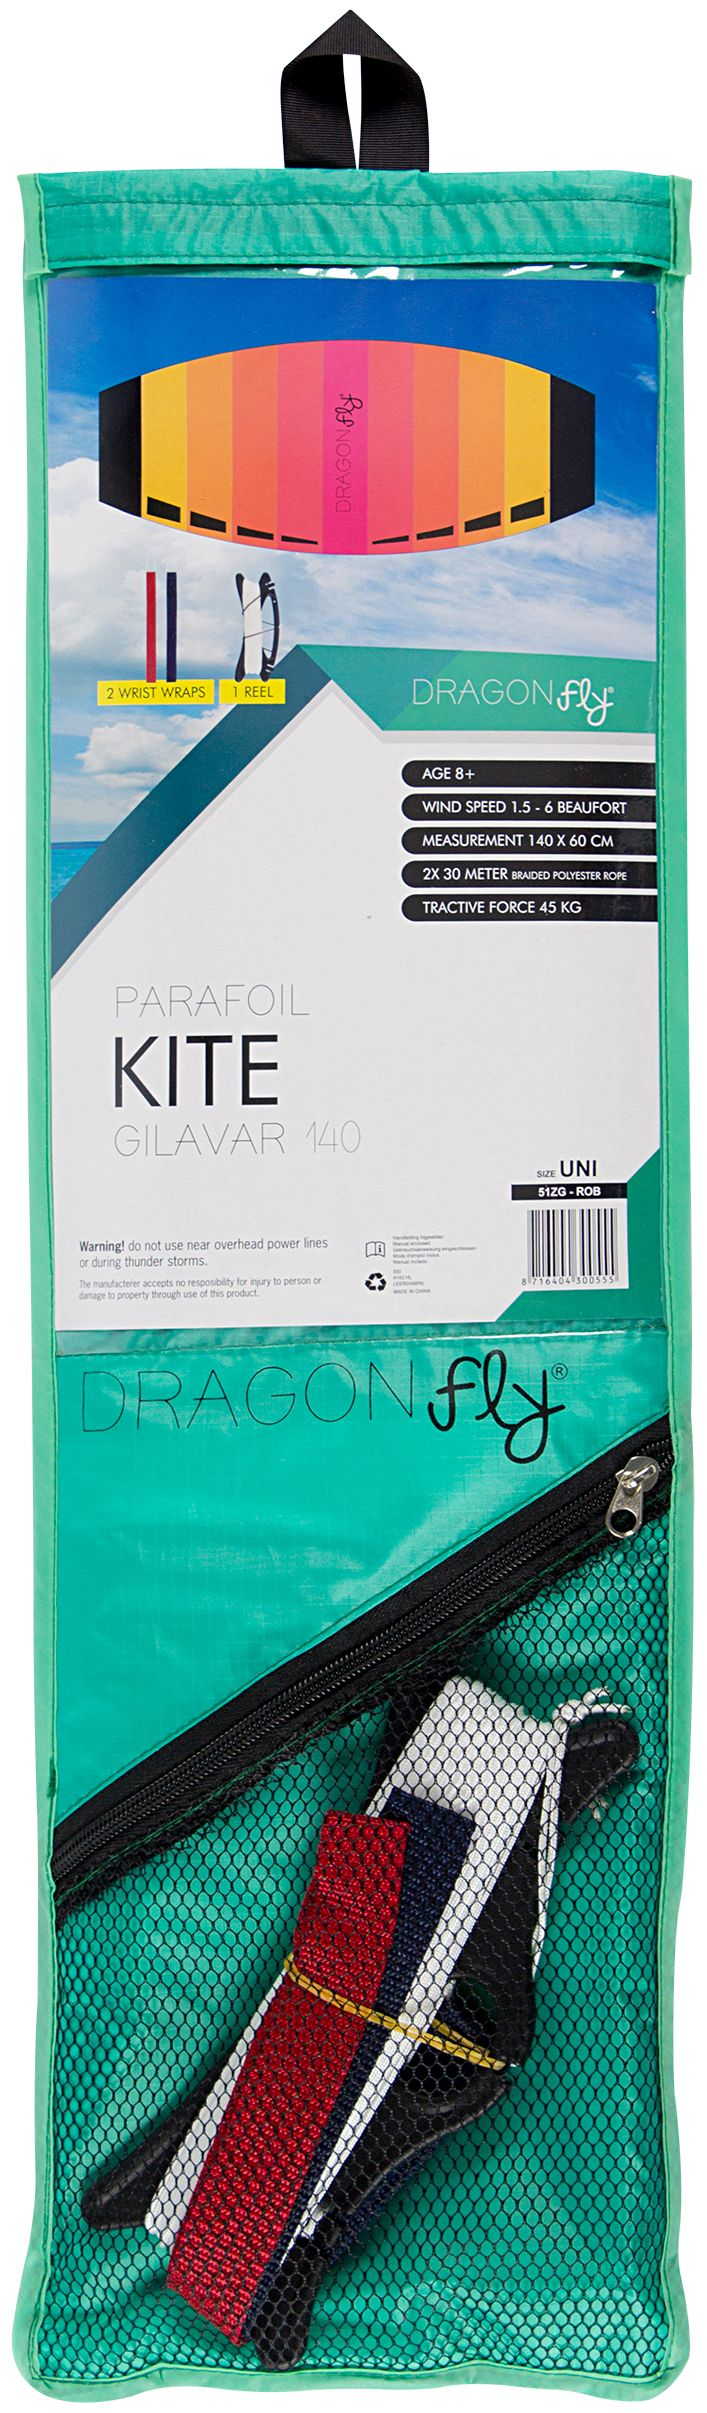 Zmeu Kite Dragon Fly Gilavar 140